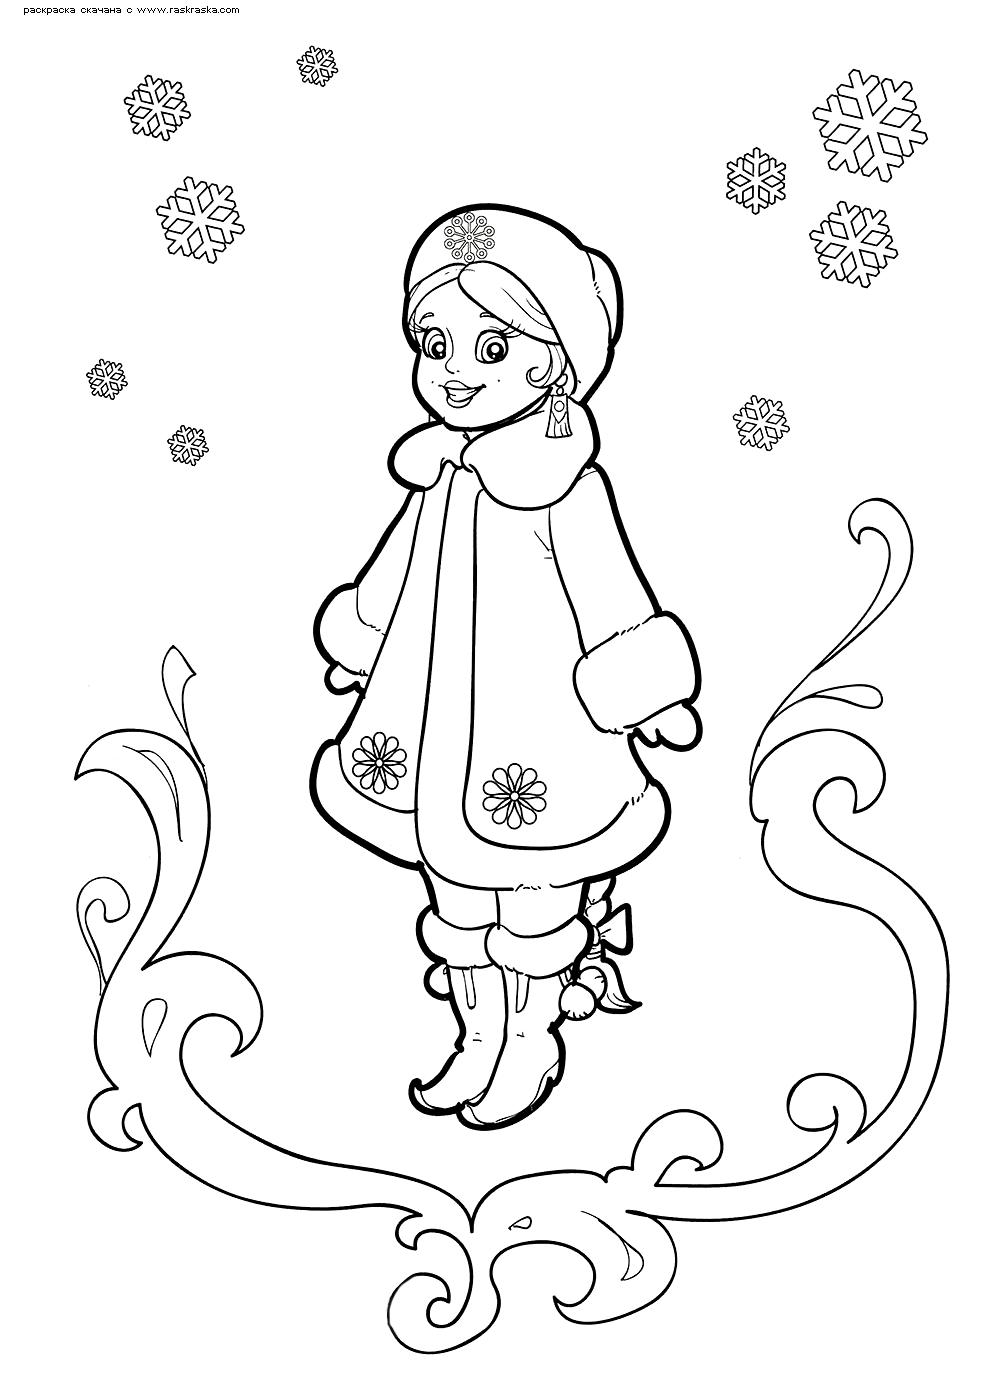 Раскраска Снегурочка. Раскраска снегурочка